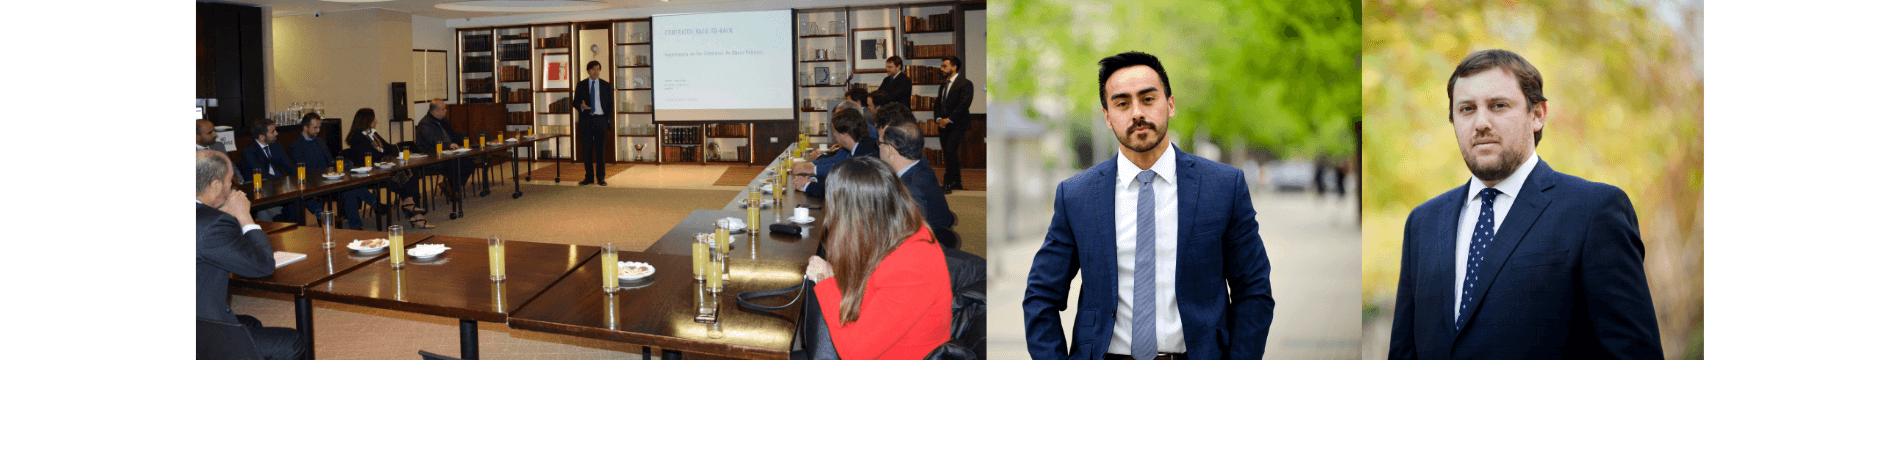 Orlando Palominos y James Channing expusieron en mesa redonda organizada por la Sociedad Chilena del Derecho de la Construcción